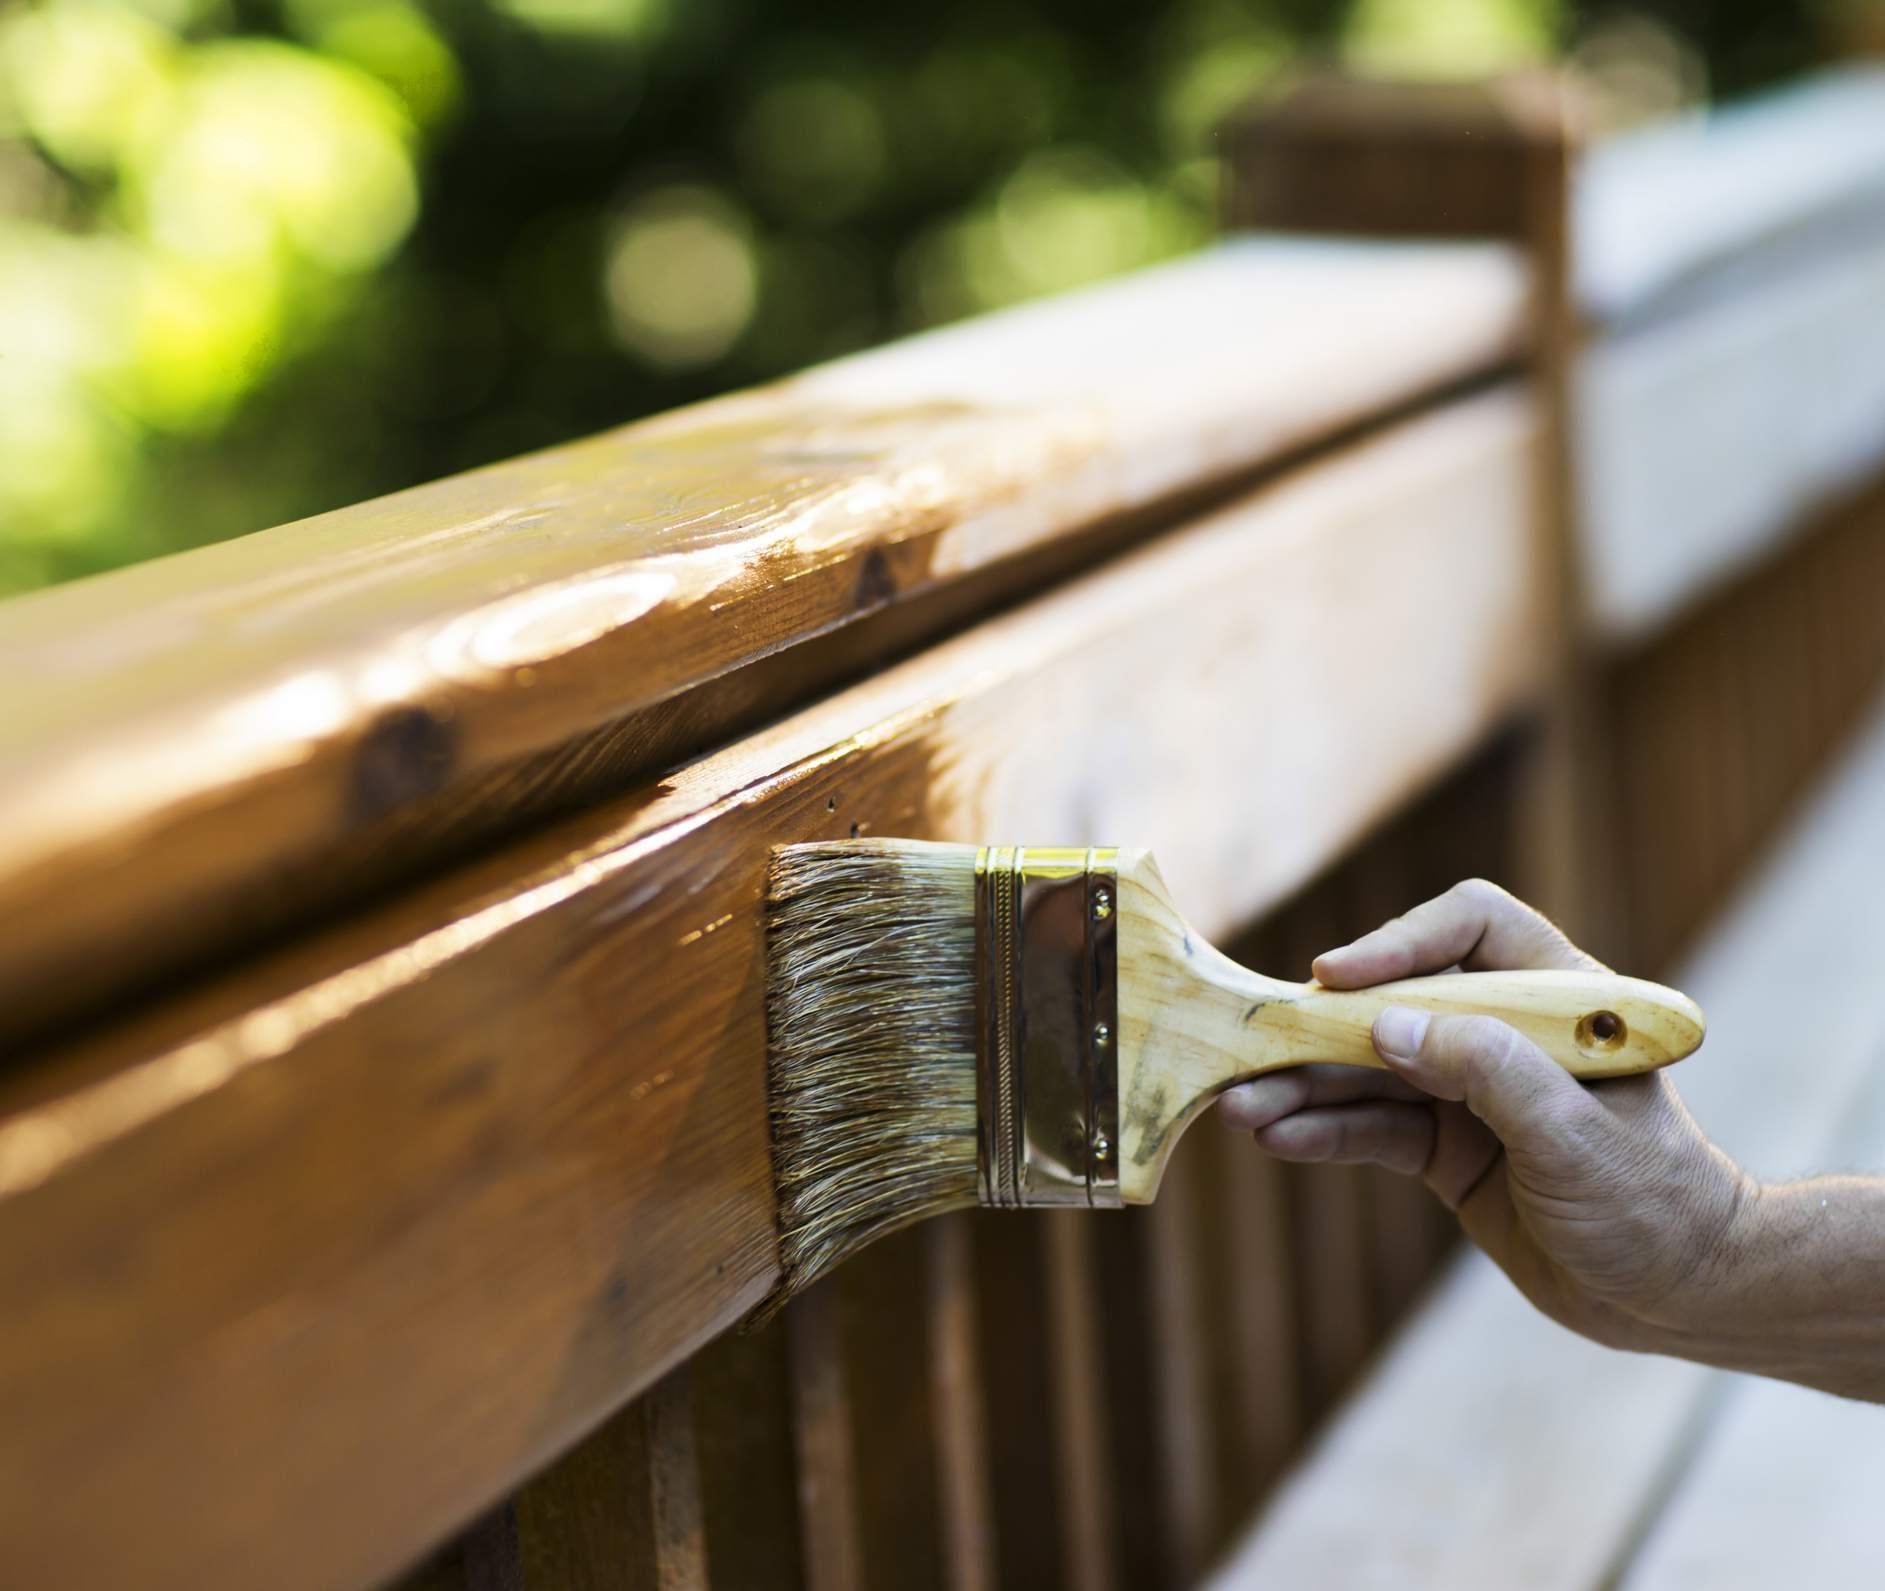 Aplicación de barniz a mueble de madera